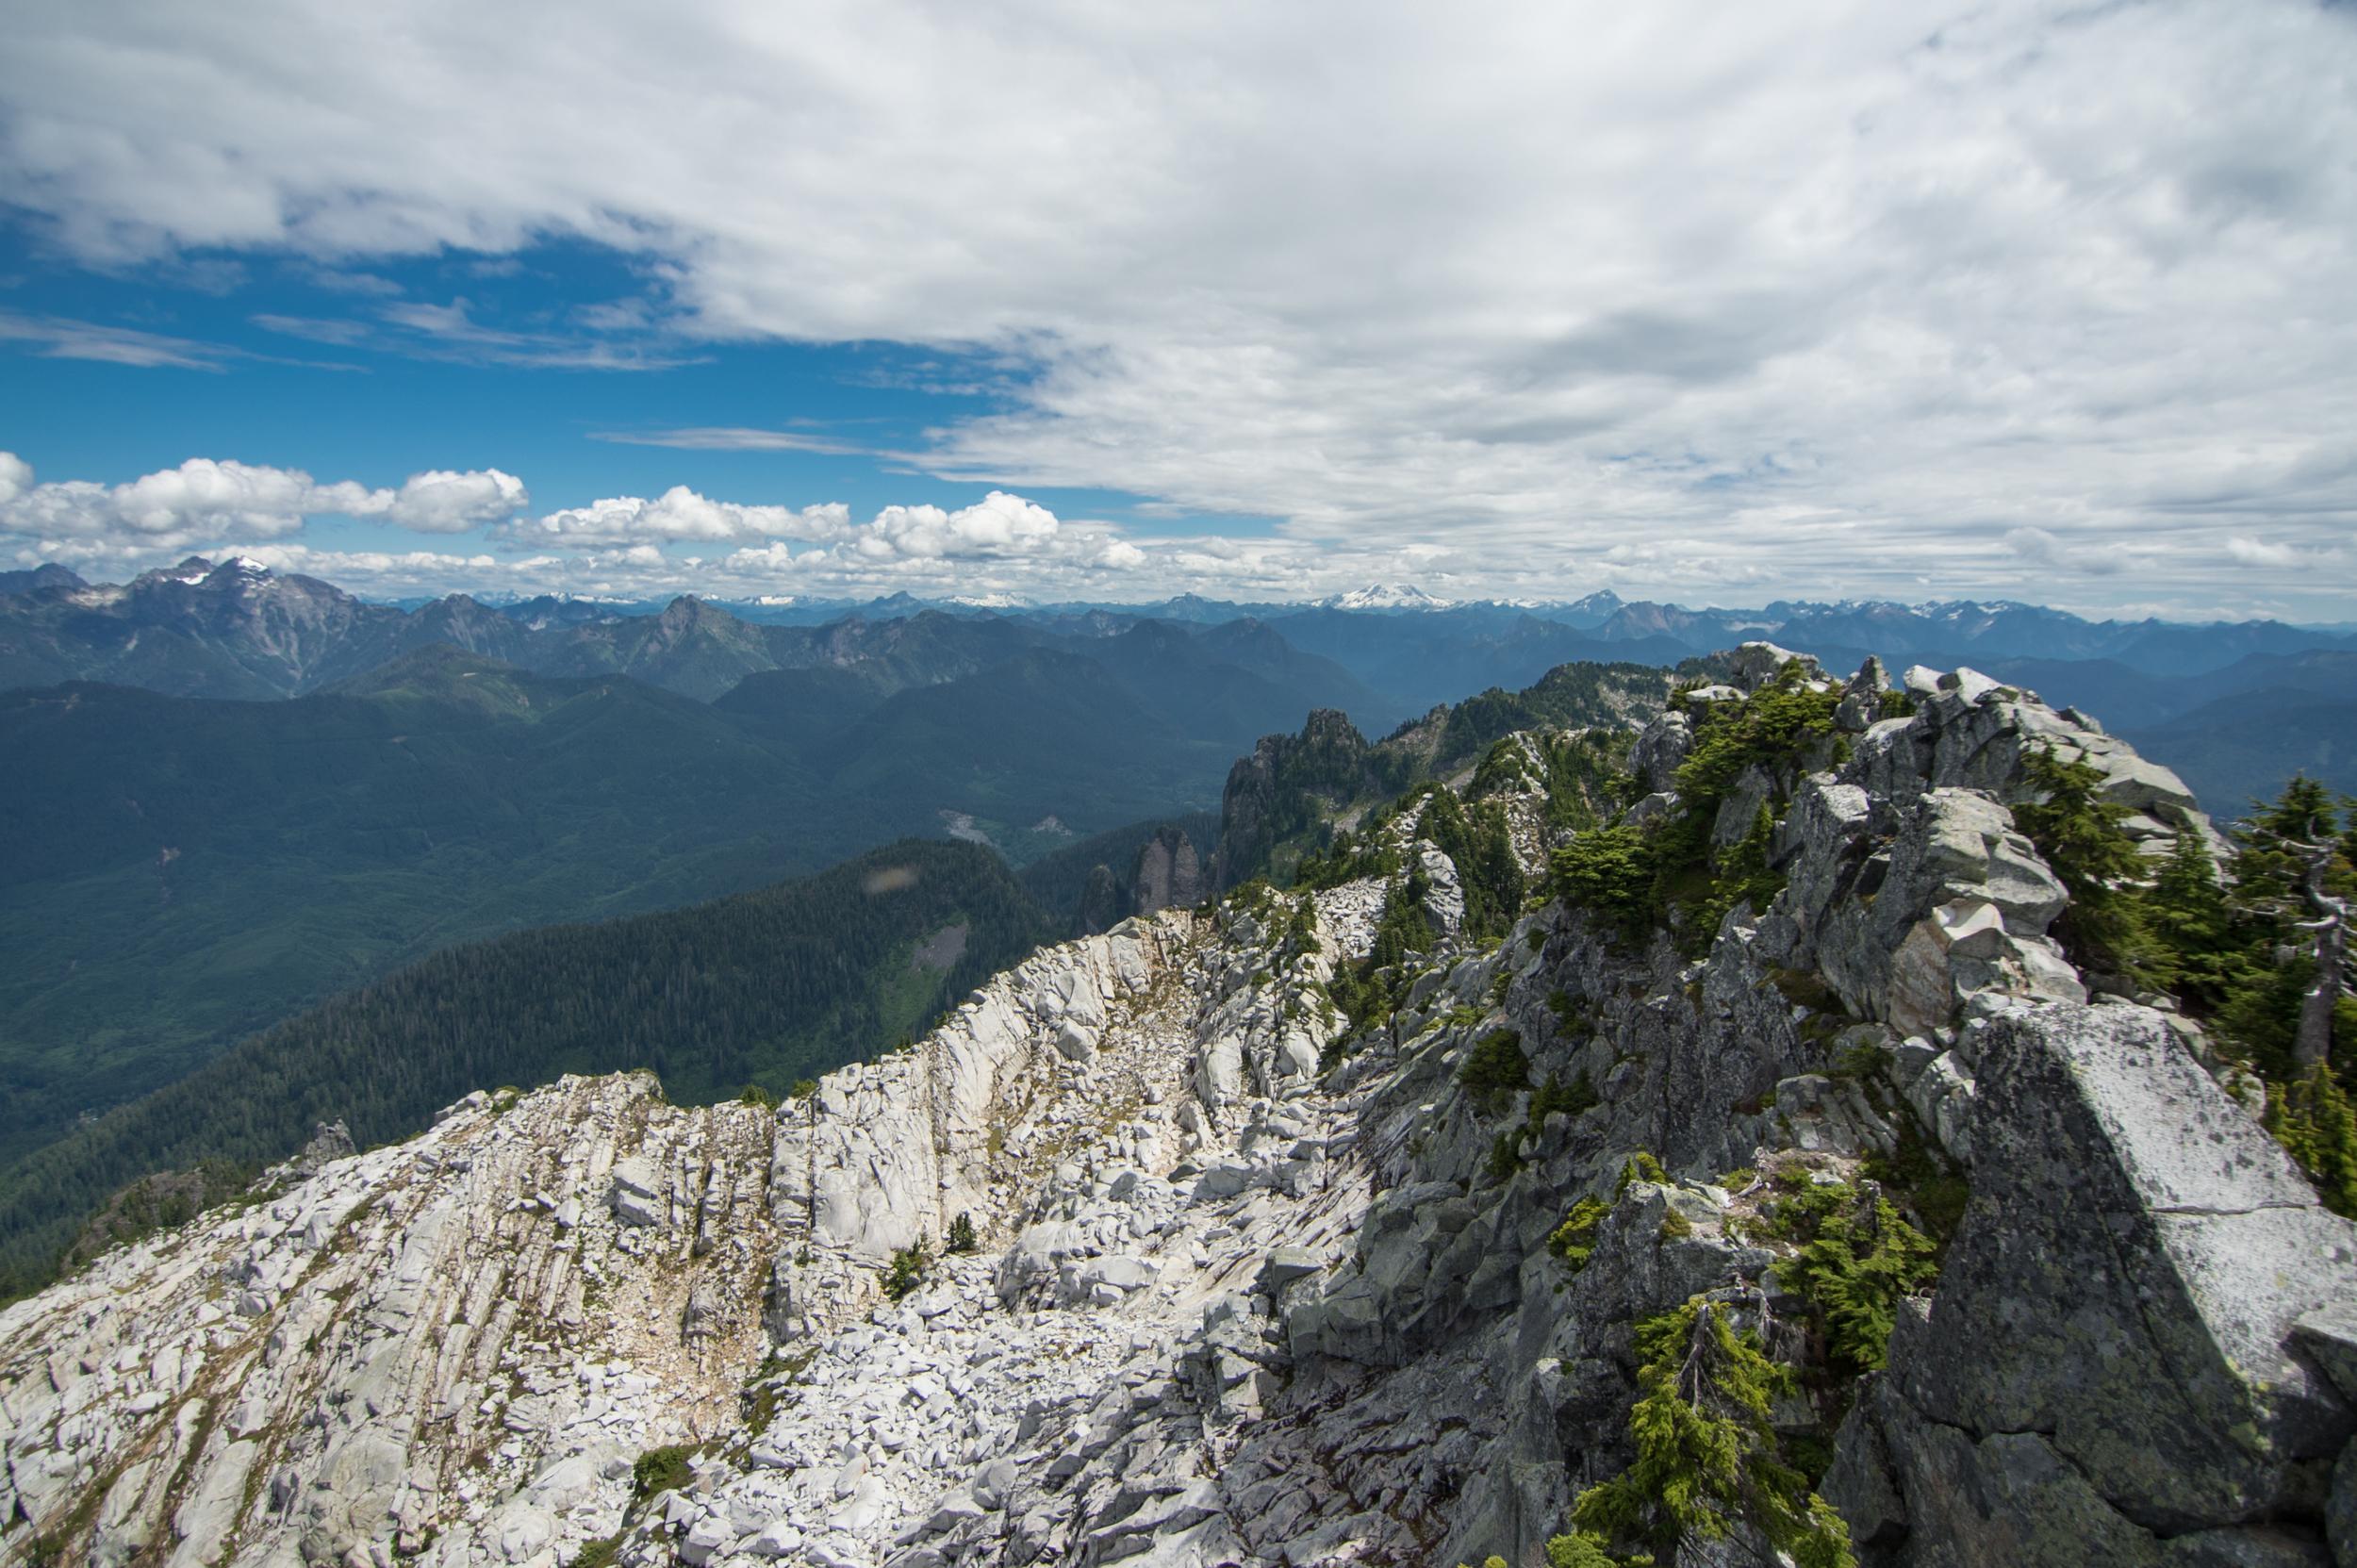 Mount_Pilchuck-36.jpg